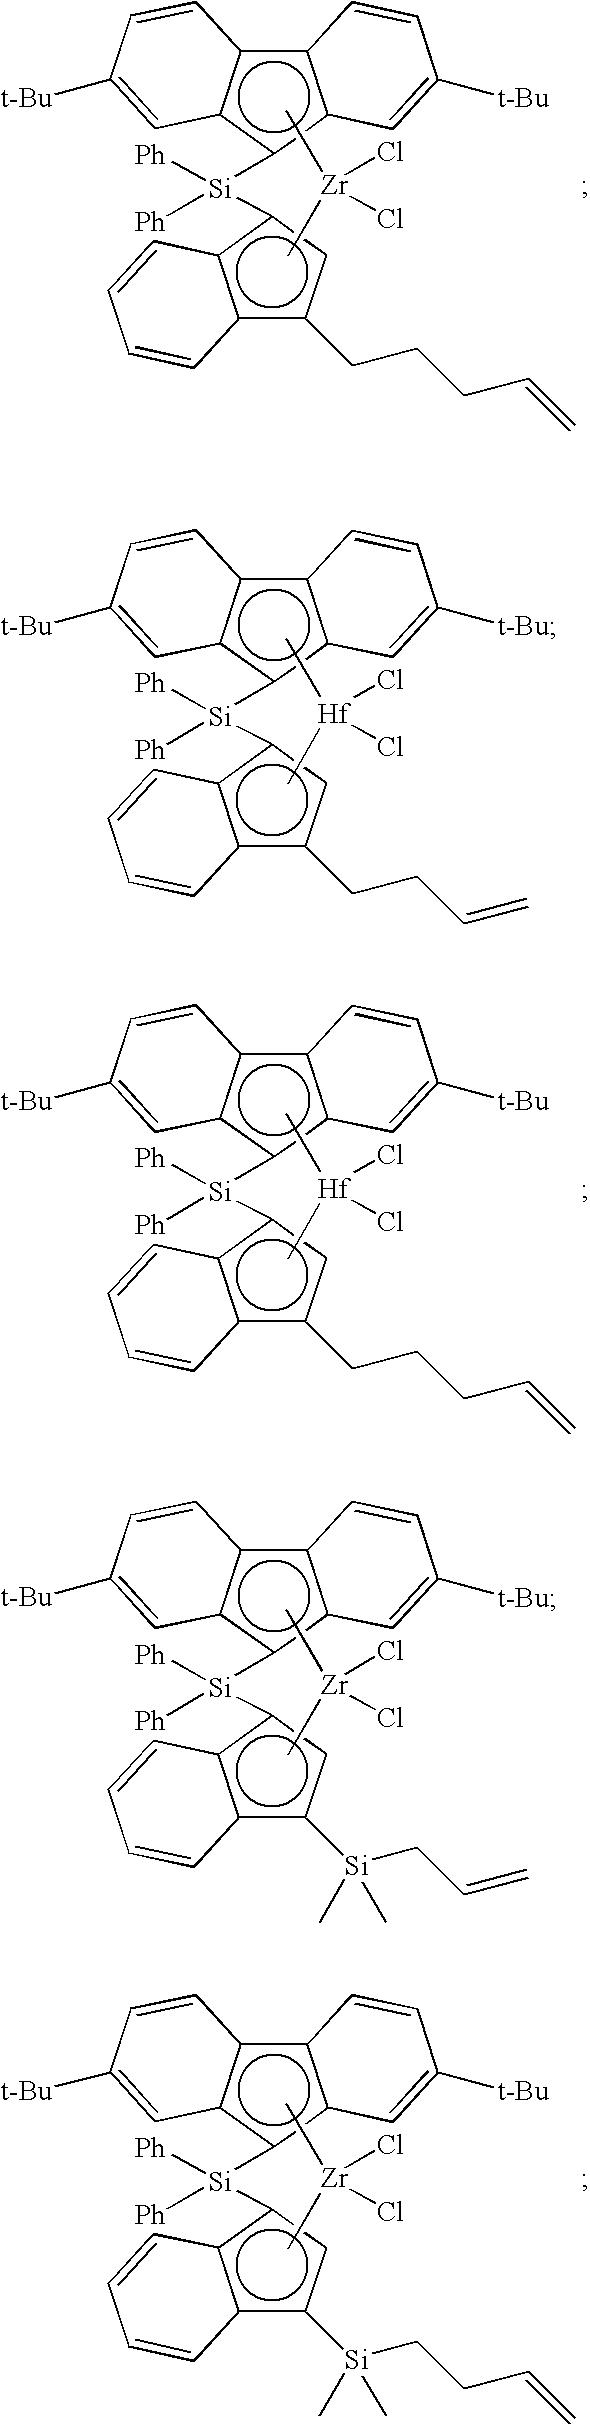 Figure US08329834-20121211-C00018